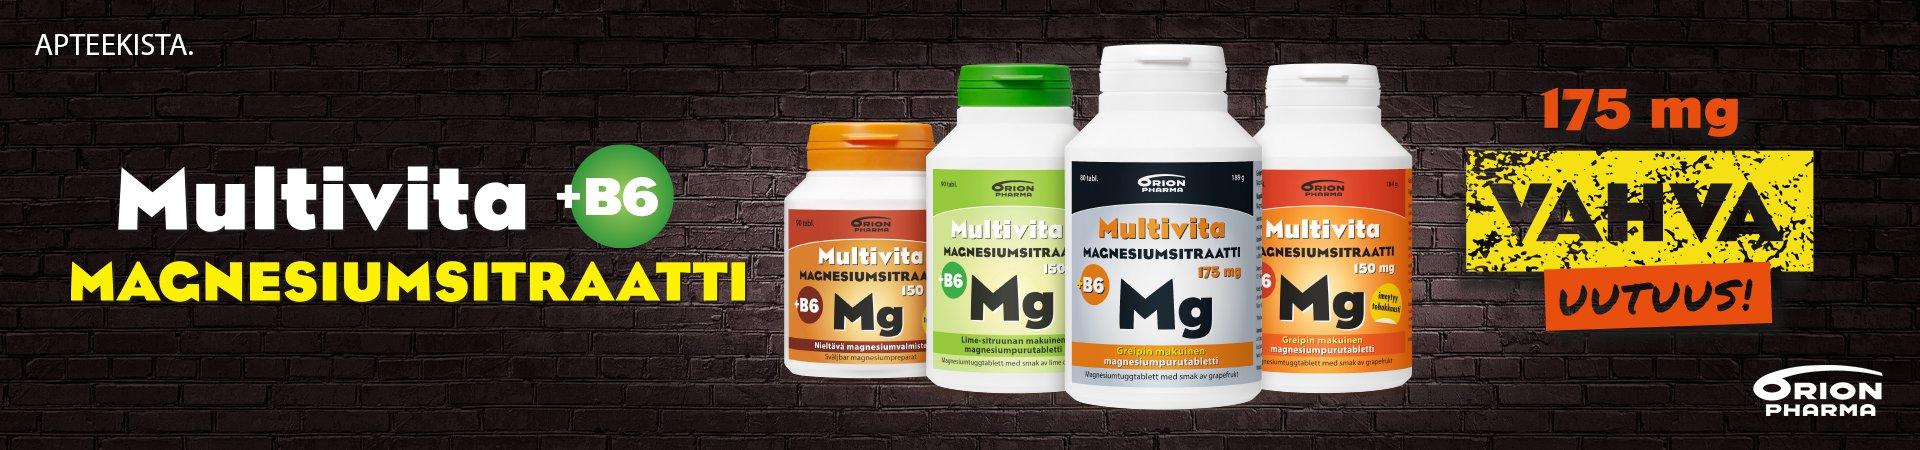 Multivita_magnesium